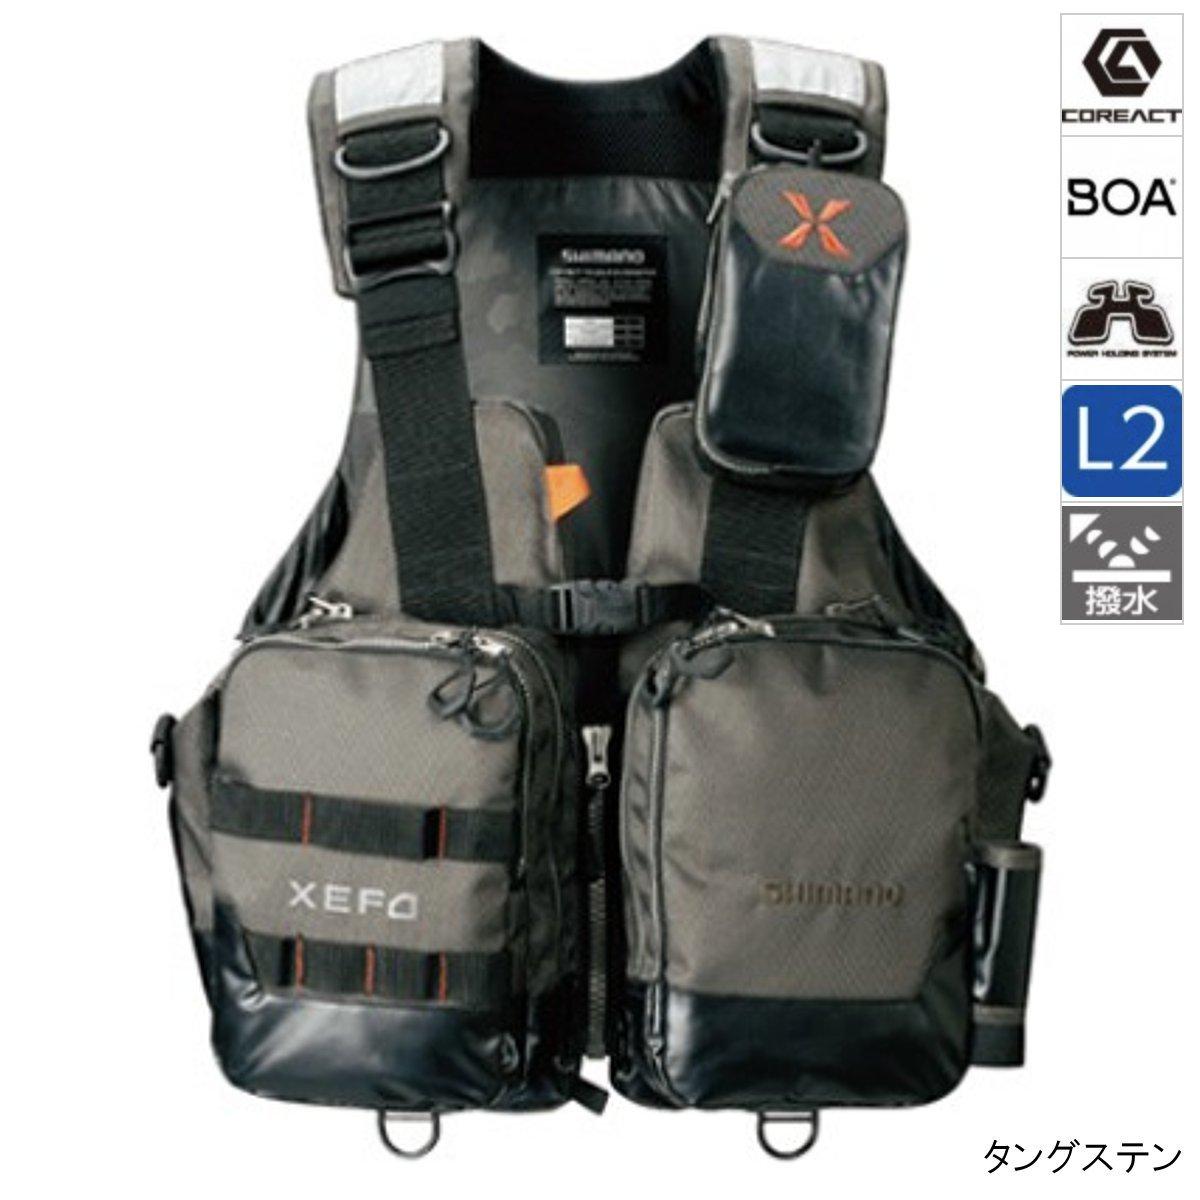 シマノ XEFO・アクトゲームベスト VF-274R L タングステン【送料無料】